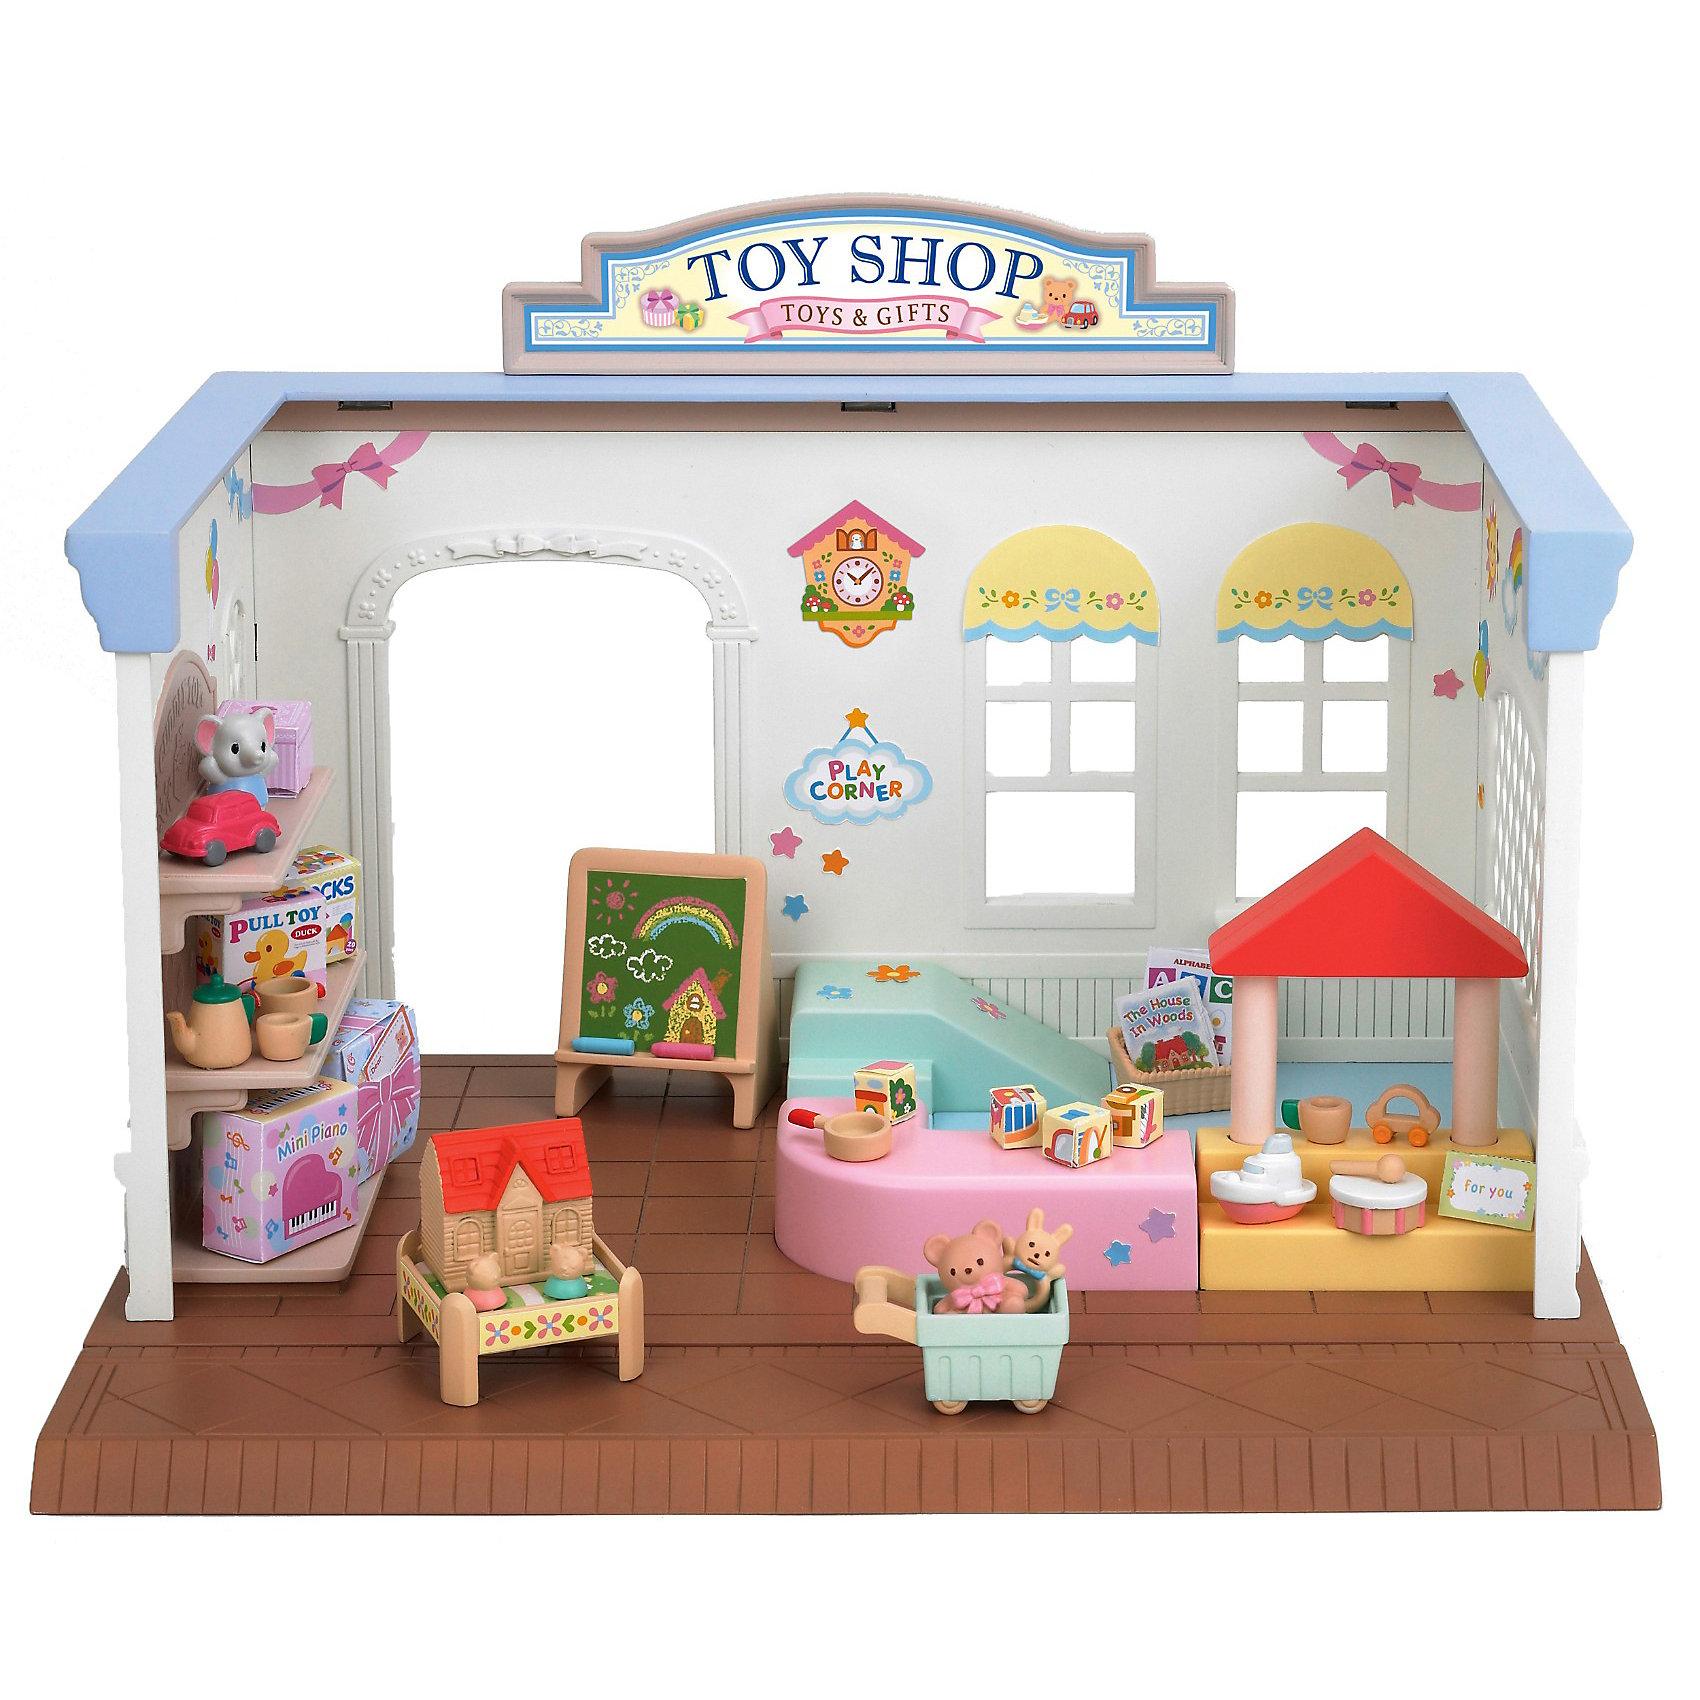 Набор Магазин игрушек, Sylvanian FamiliesИгрушечные домики и замки<br>Набор Магазин игрушек, Sylvanian Families - игровой набор, который наверняка порадует Вашего ребенка.<br><br>Дополнительная информация:<br><br>- В набор « Магазин игрушек » Sylvanian Families входит магазин, который  обустроен детским игровым уголком. Магазин одного уровня. - В комплекте полки, детская горка, тележка для игрушек, игровой столик, доска для рисования, детские игрушки, погремушки, наклейки.<br>- Материал: пластик<br>- Совмещается с набором: «Магазин конфет» и «Супермаркет».<br>- Размеры коробки: 28х17х20,5 см<br><br>Набор Магазин игрушек, Sylvanian Families можно купить в нашем интернет магазине.<br><br>Ширина мм: 284<br>Глубина мм: 213<br>Высота мм: 175<br>Вес г: 811<br>Возраст от месяцев: 36<br>Возраст до месяцев: 72<br>Пол: Женский<br>Возраст: Детский<br>SKU: 3345294